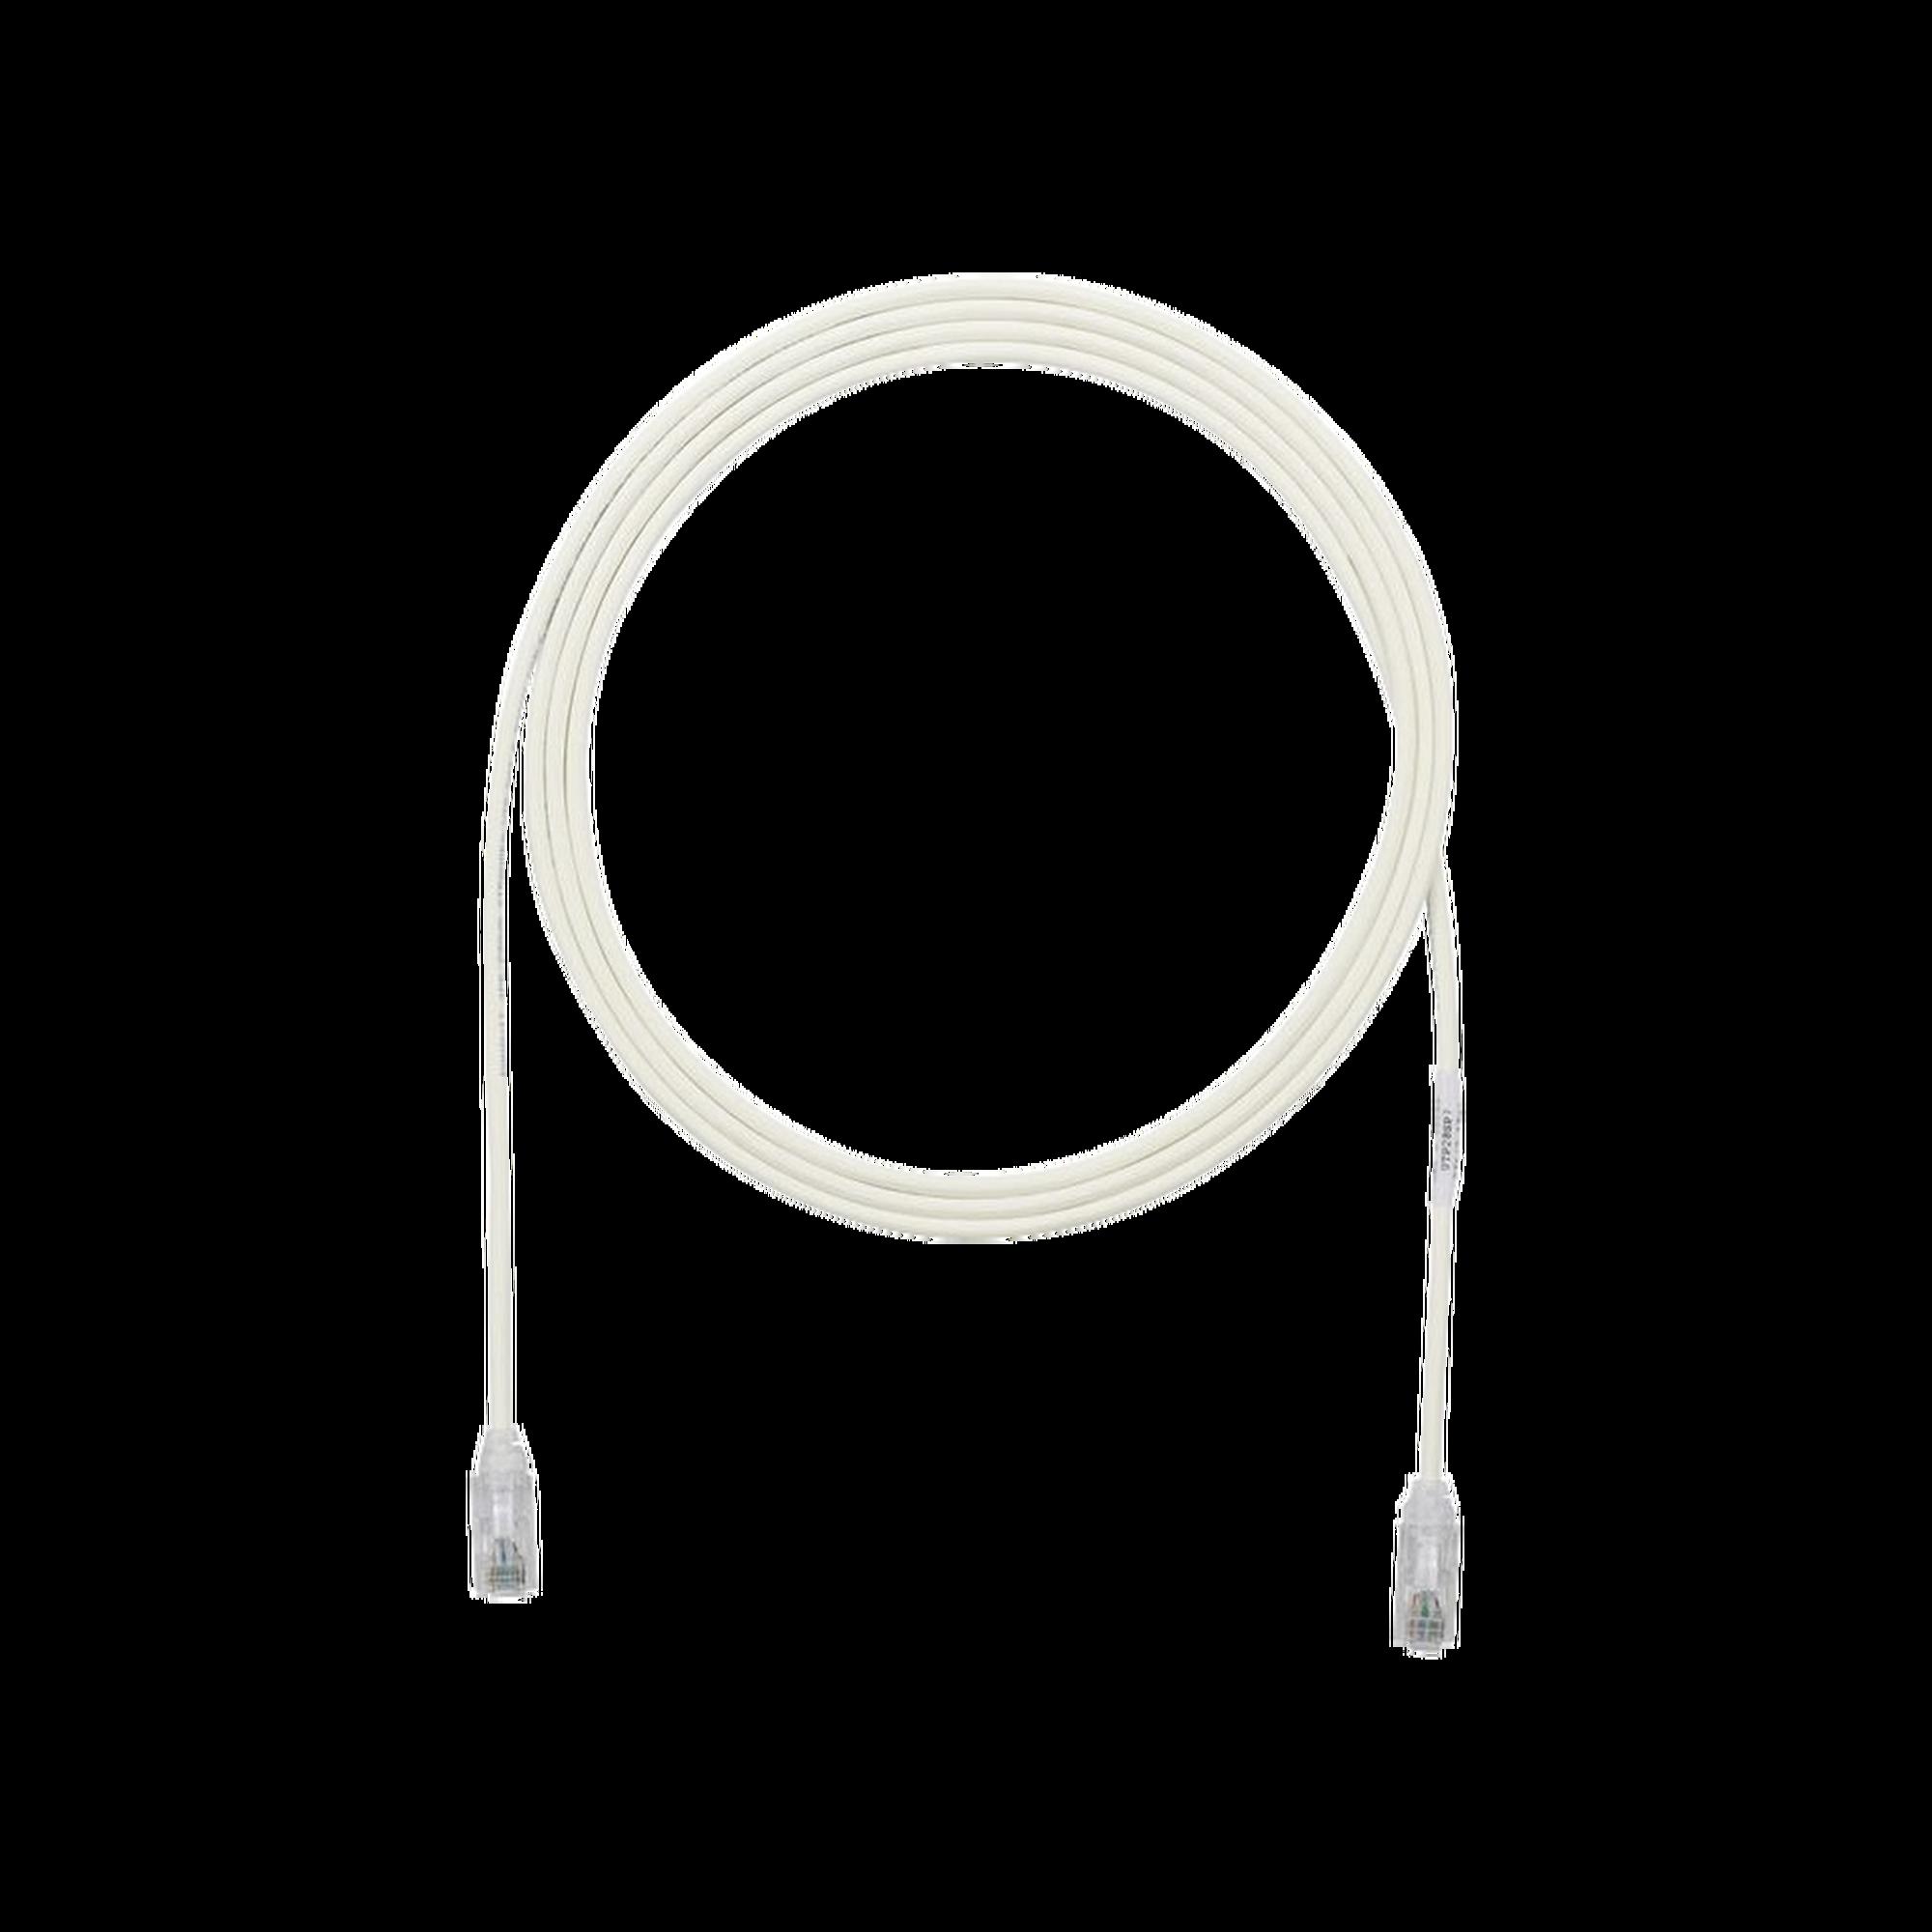 Cable de Parcheo TX6, UTP Cat6, Diámetro Reducido (28AWG), Color Blanco Mate, 3ft